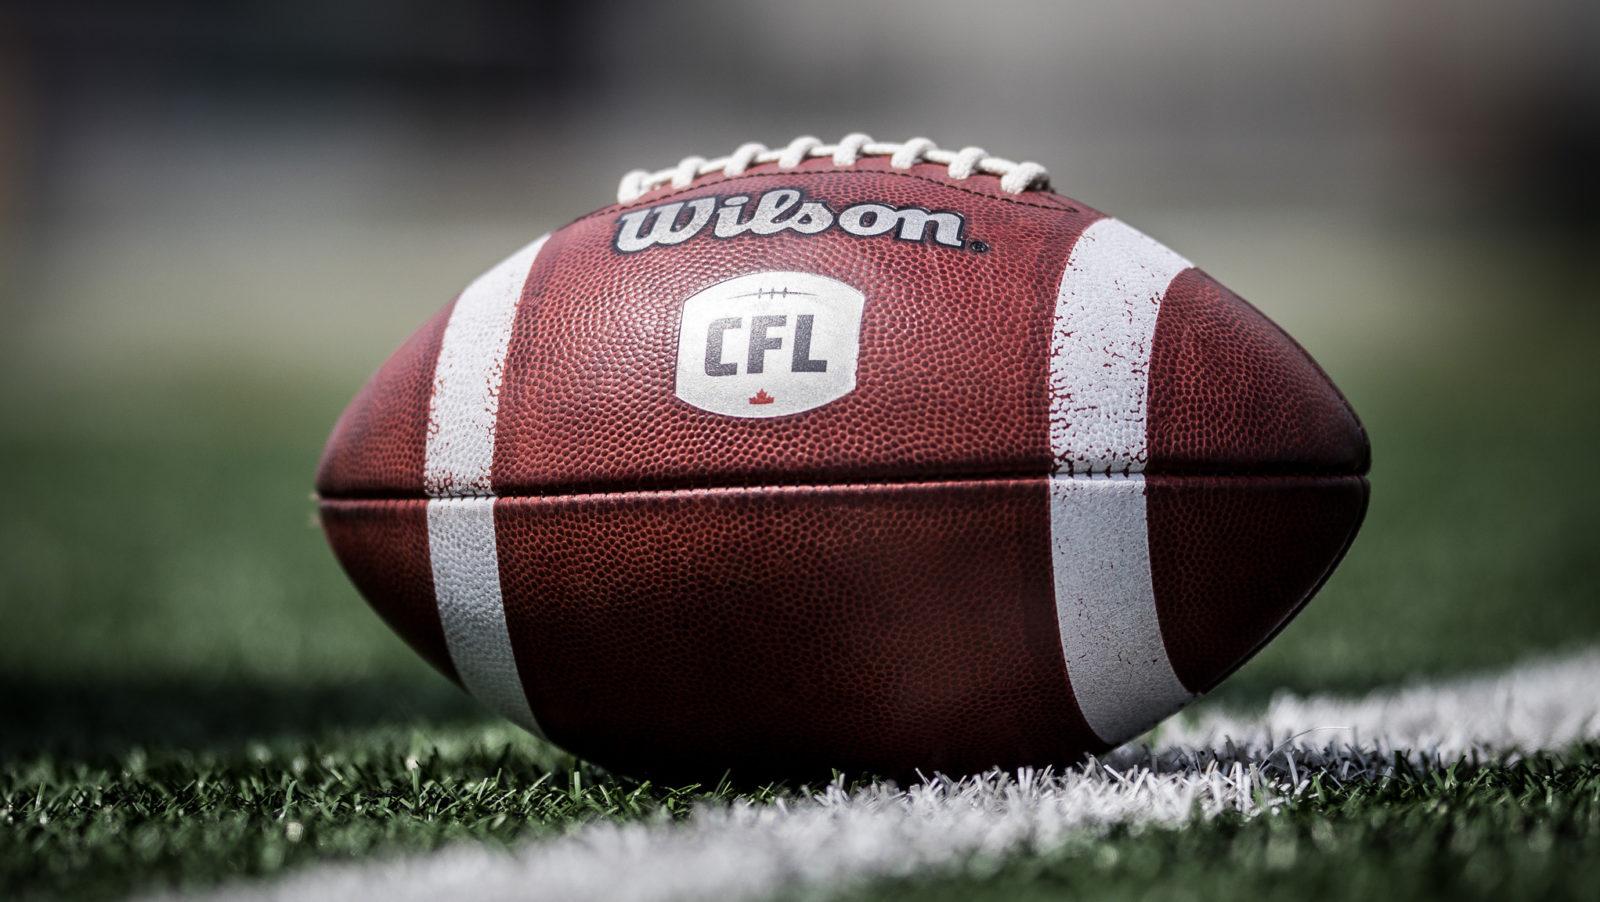 CFL season ends in 2020